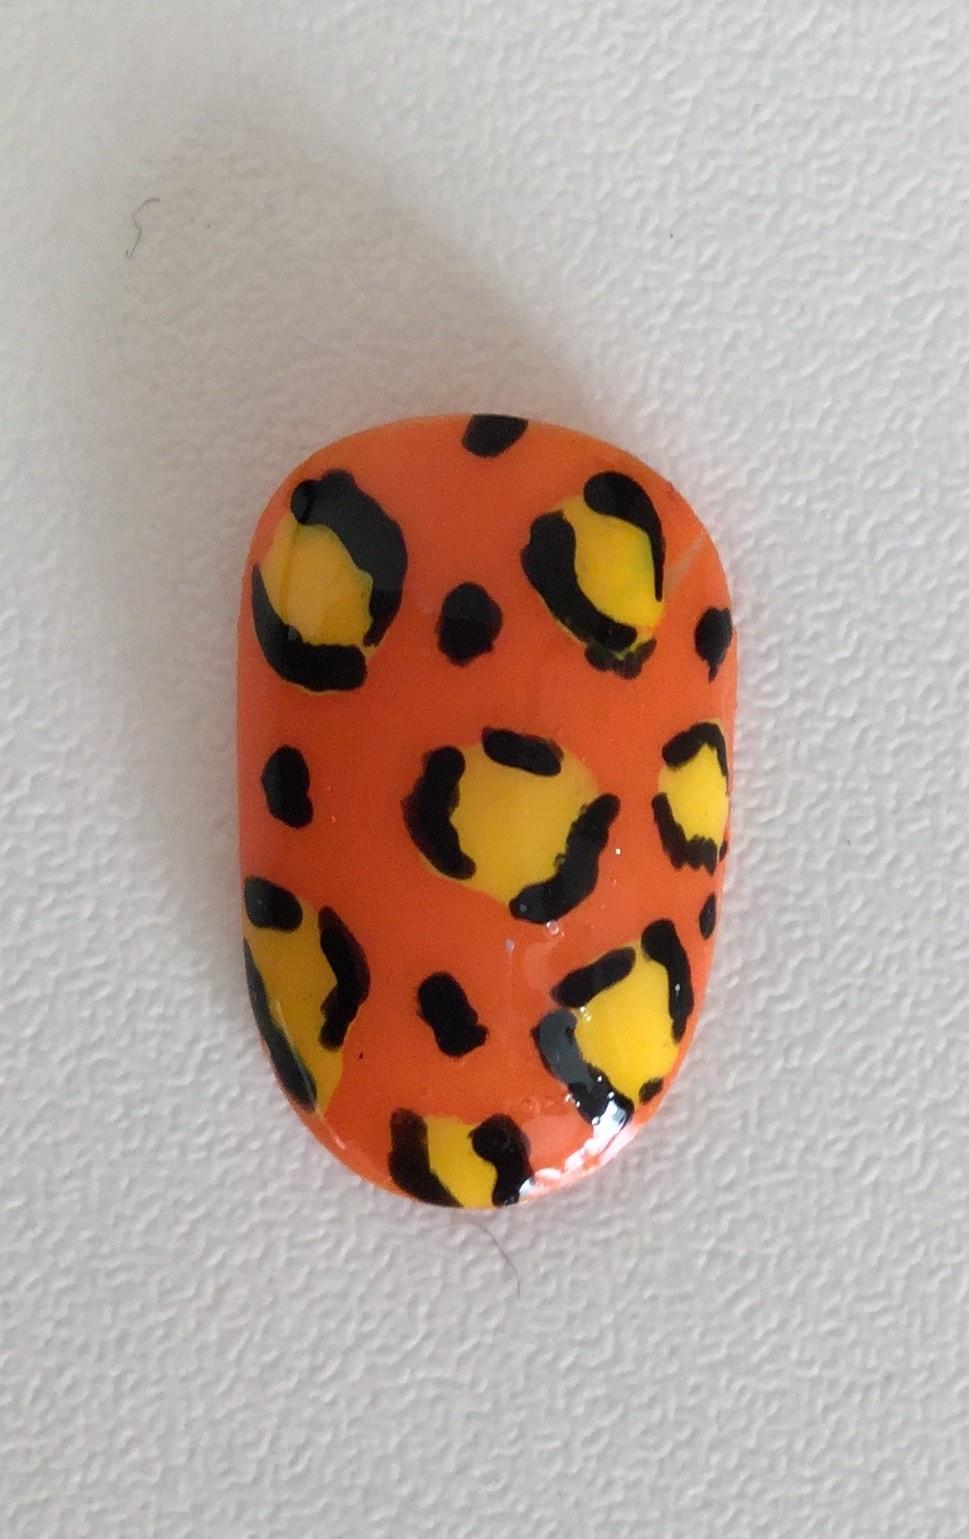 Vanity van nail art leopard print